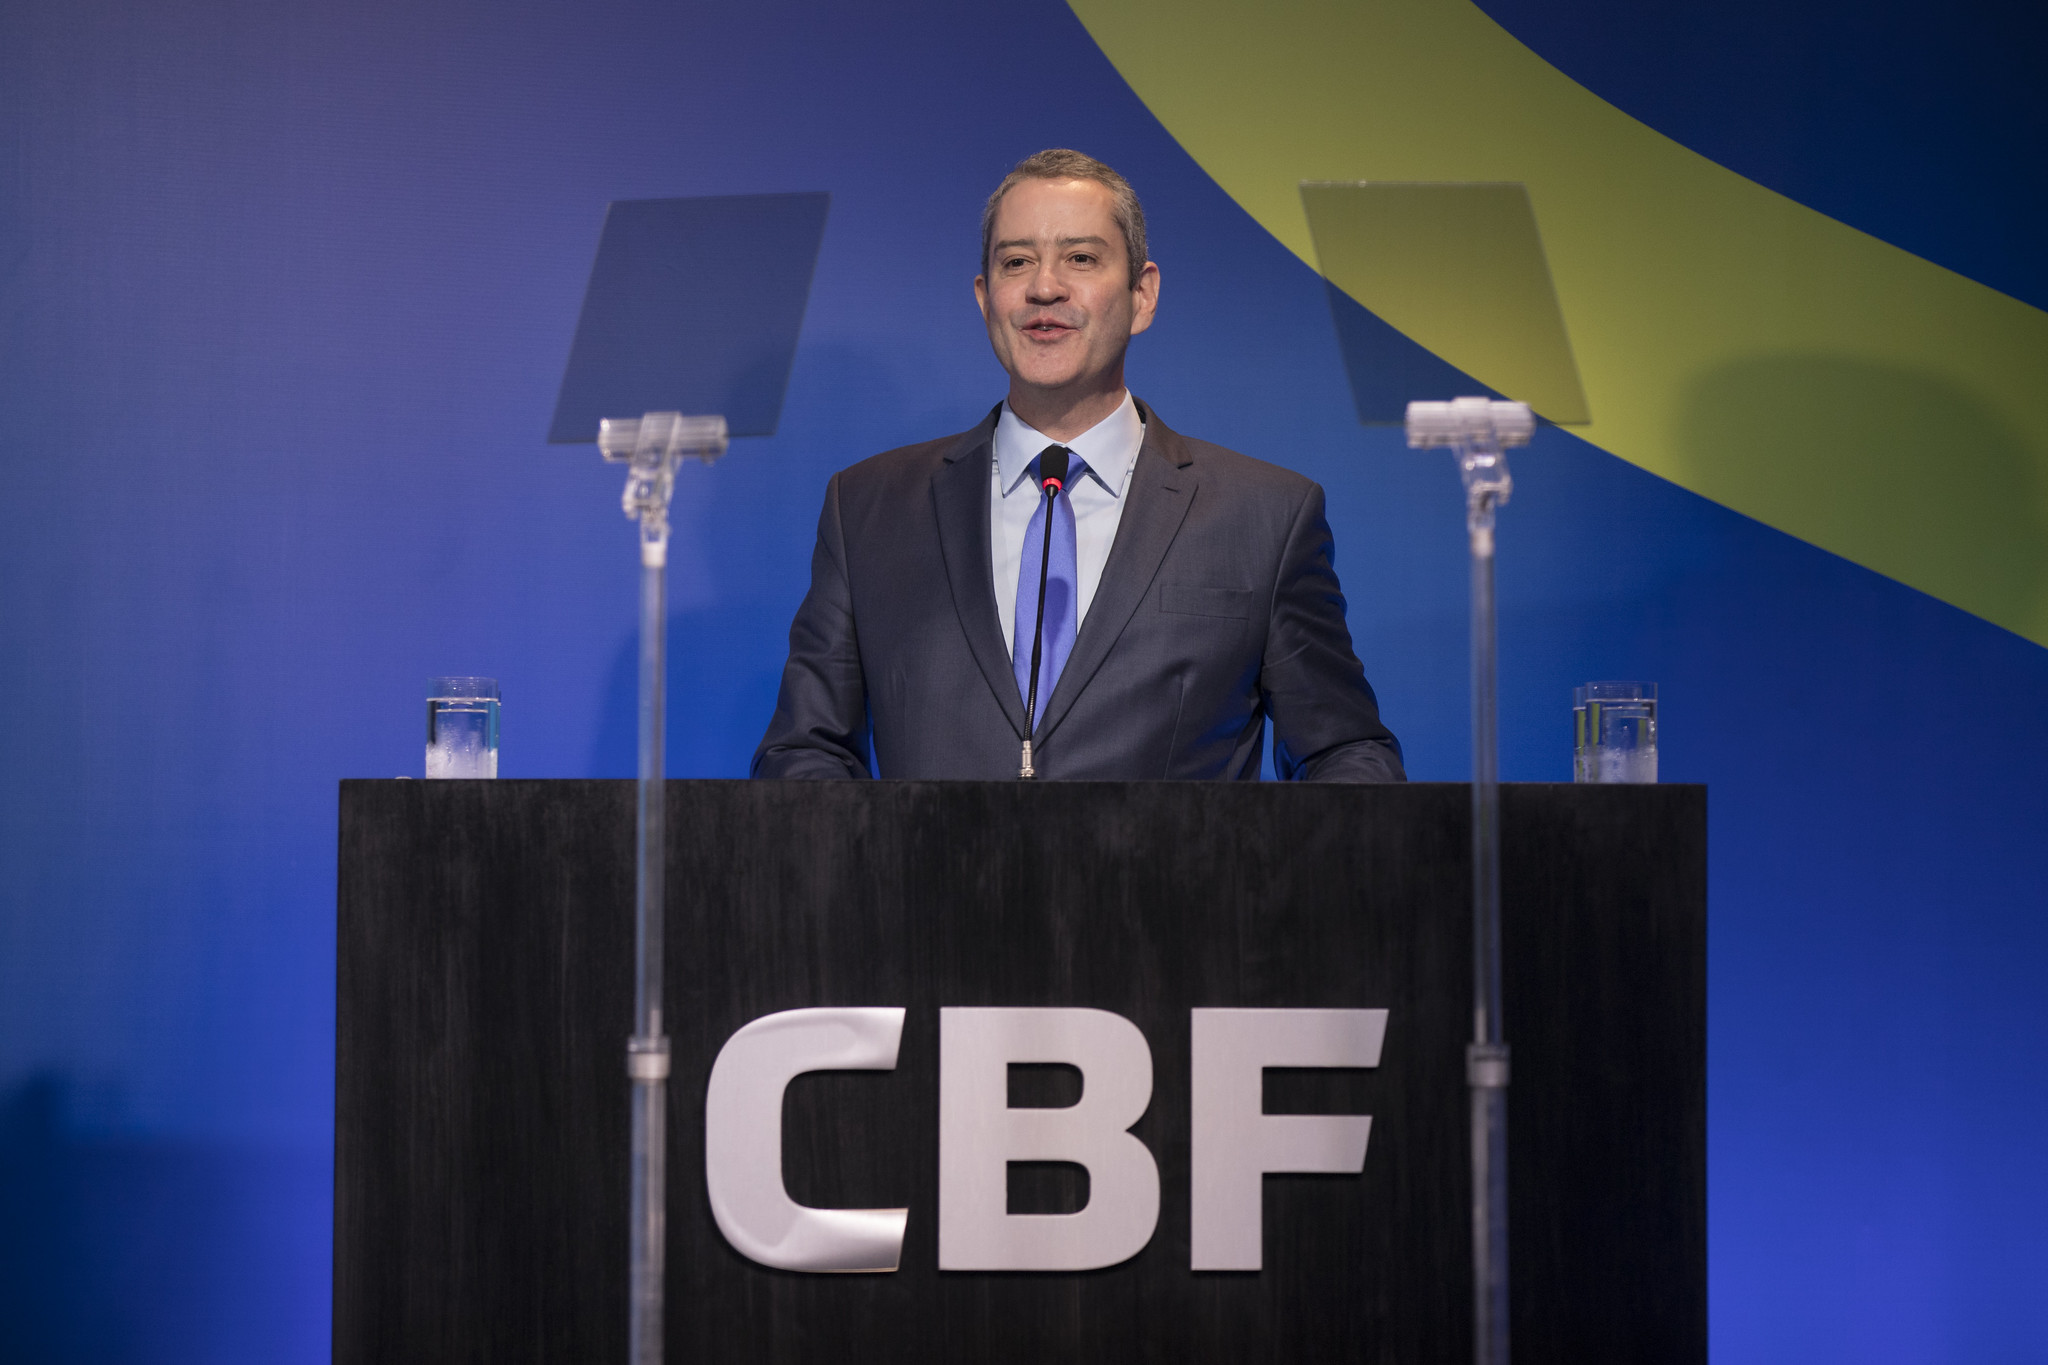 IMAGEM: Ministério Público do Trabalho começa a ouvir funcionários da CBF na segunda